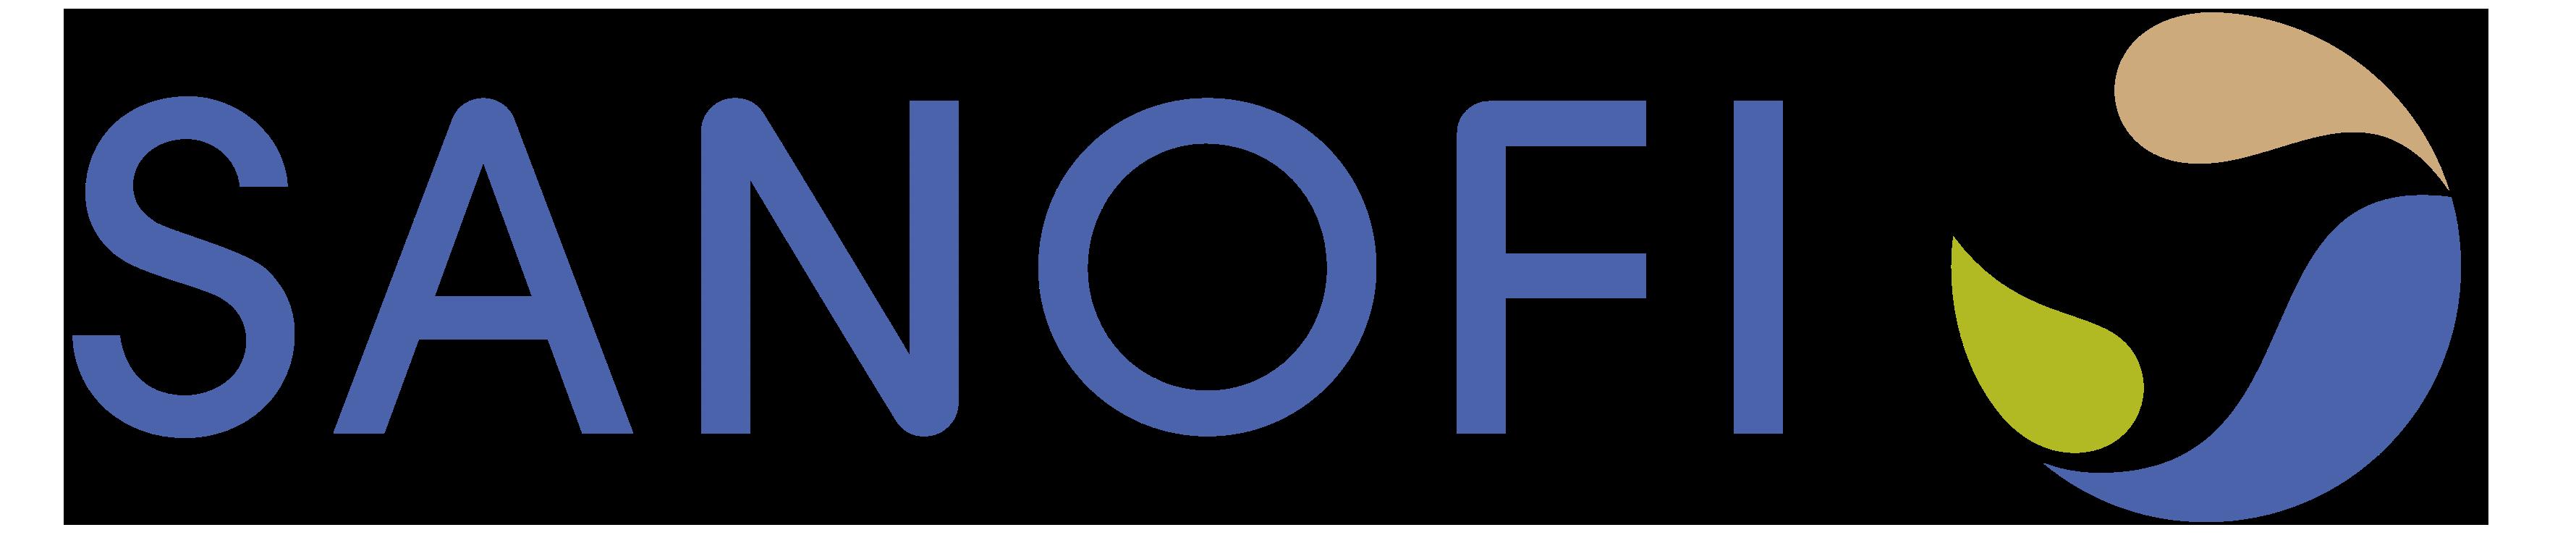 Sanofi_logo_horizontal